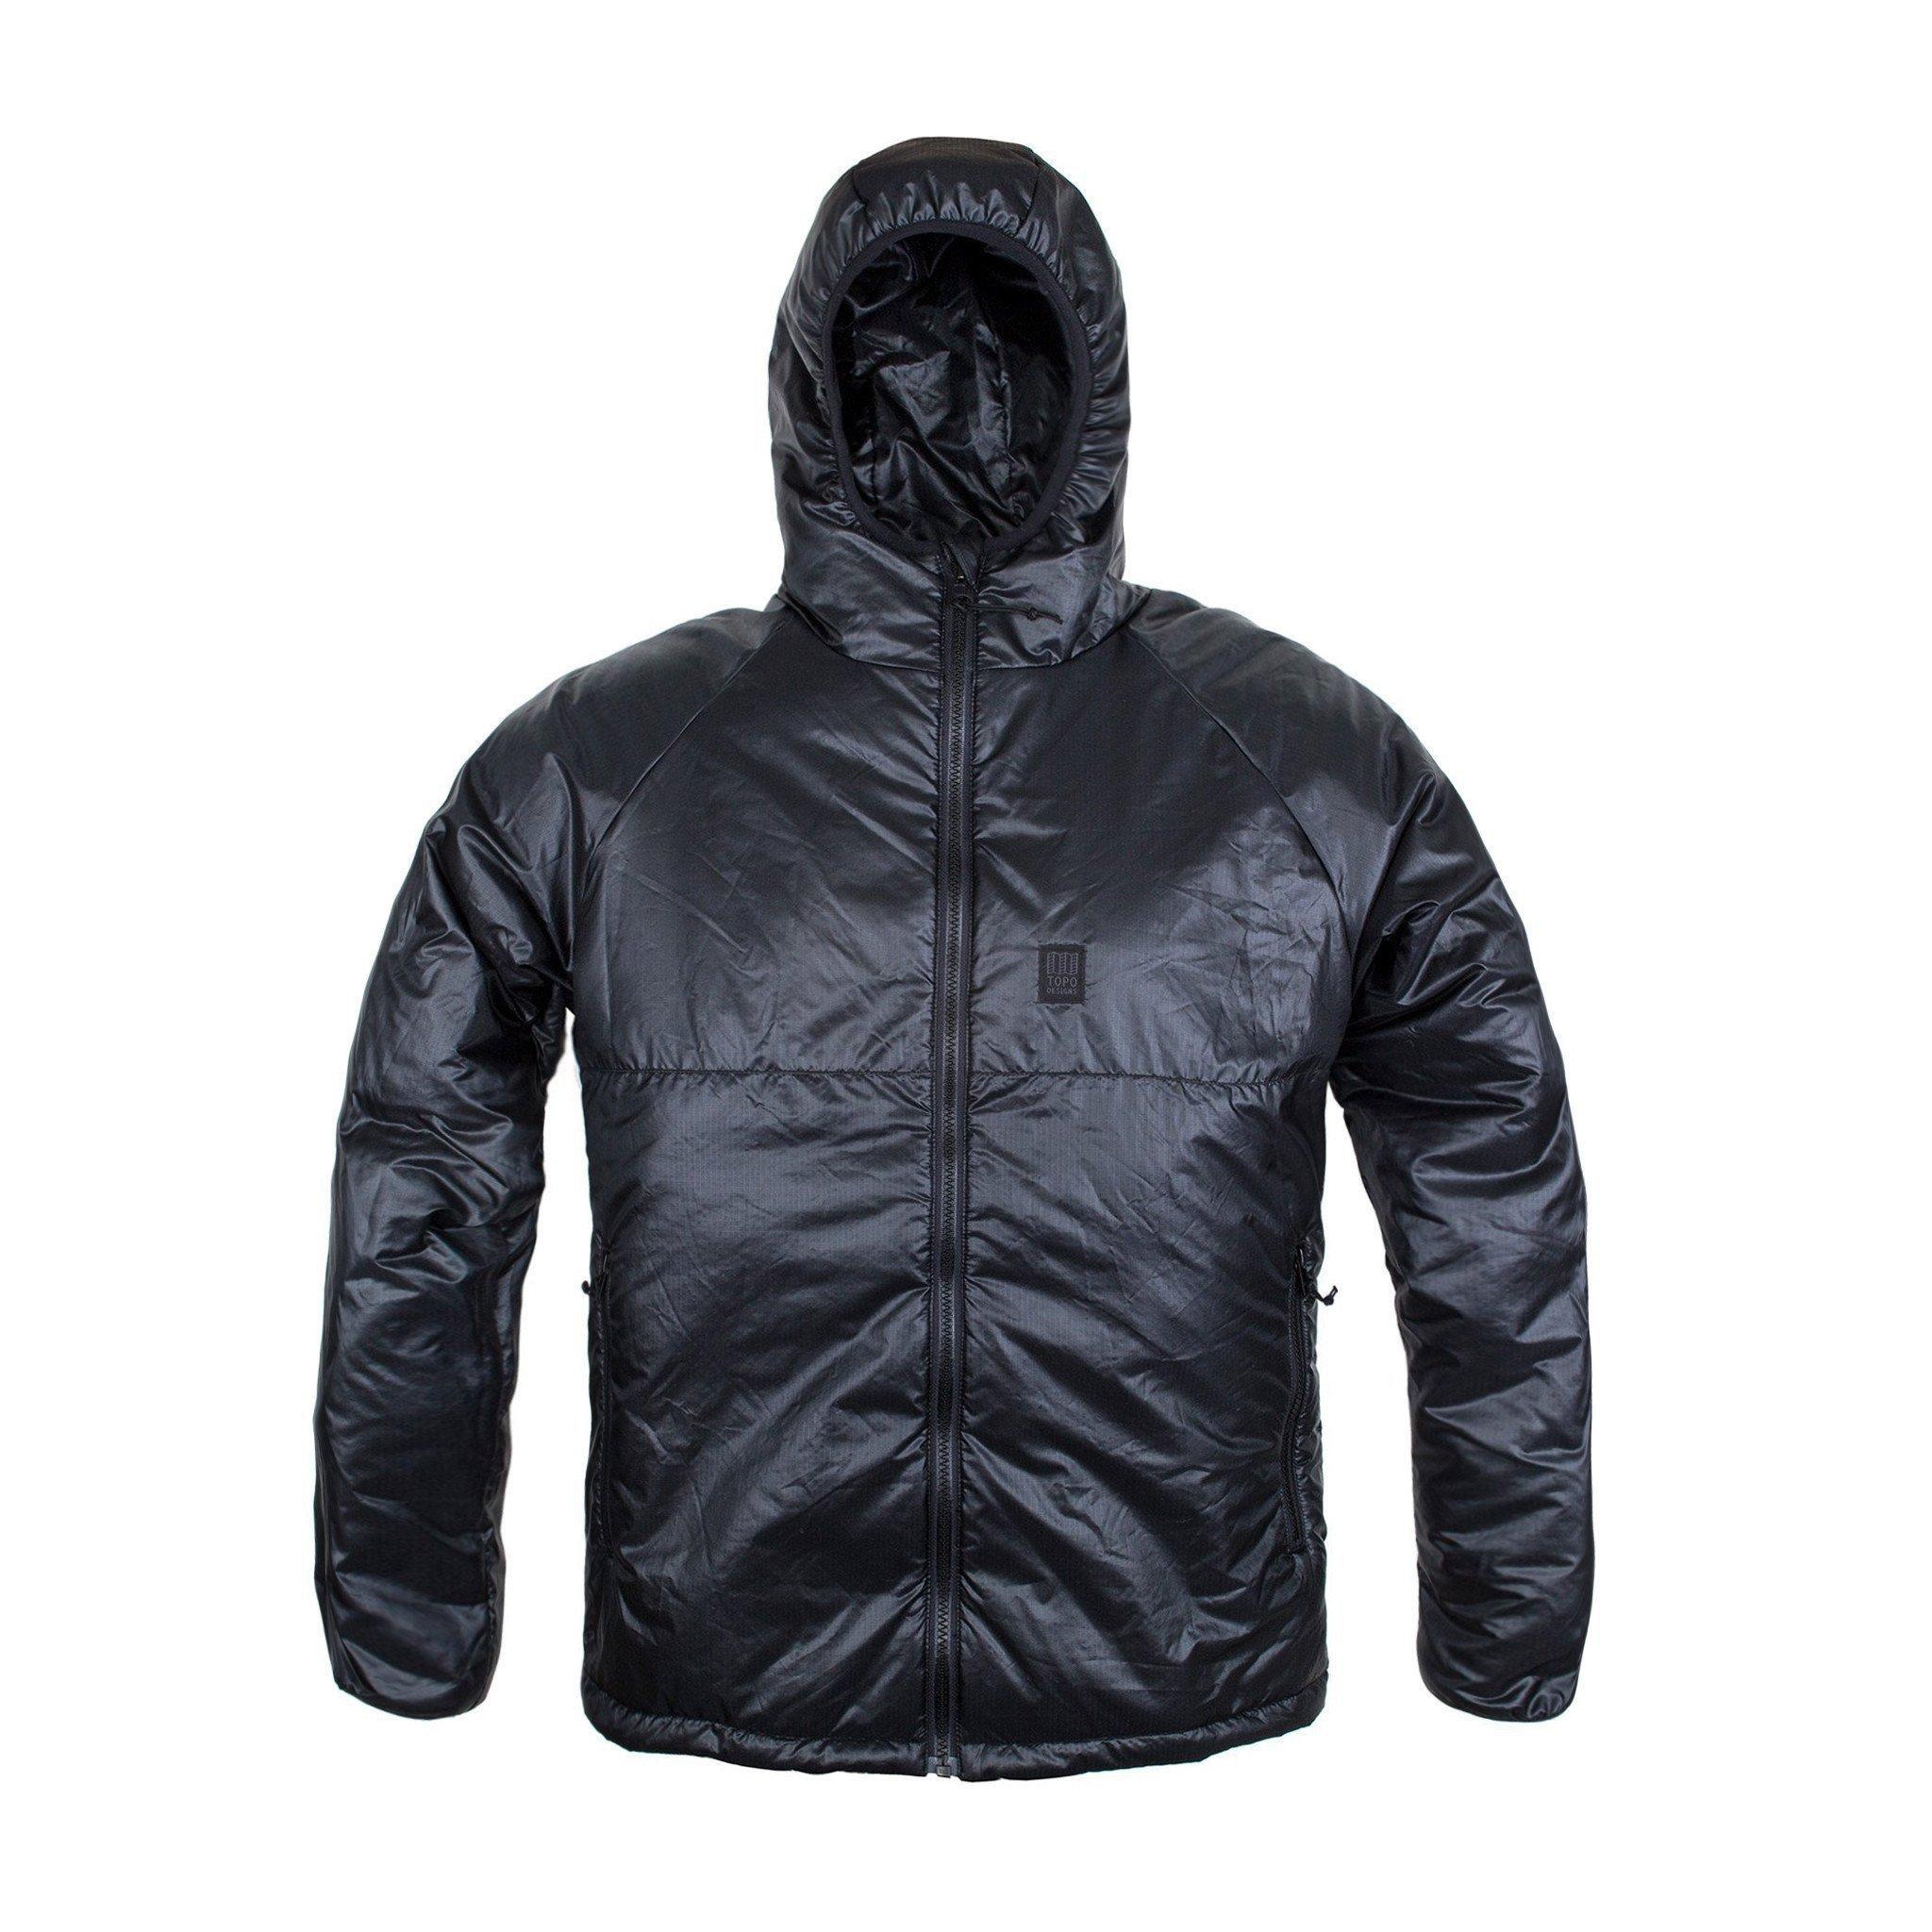 apparel-puffer-hoodie-3_2048x2048.jpg